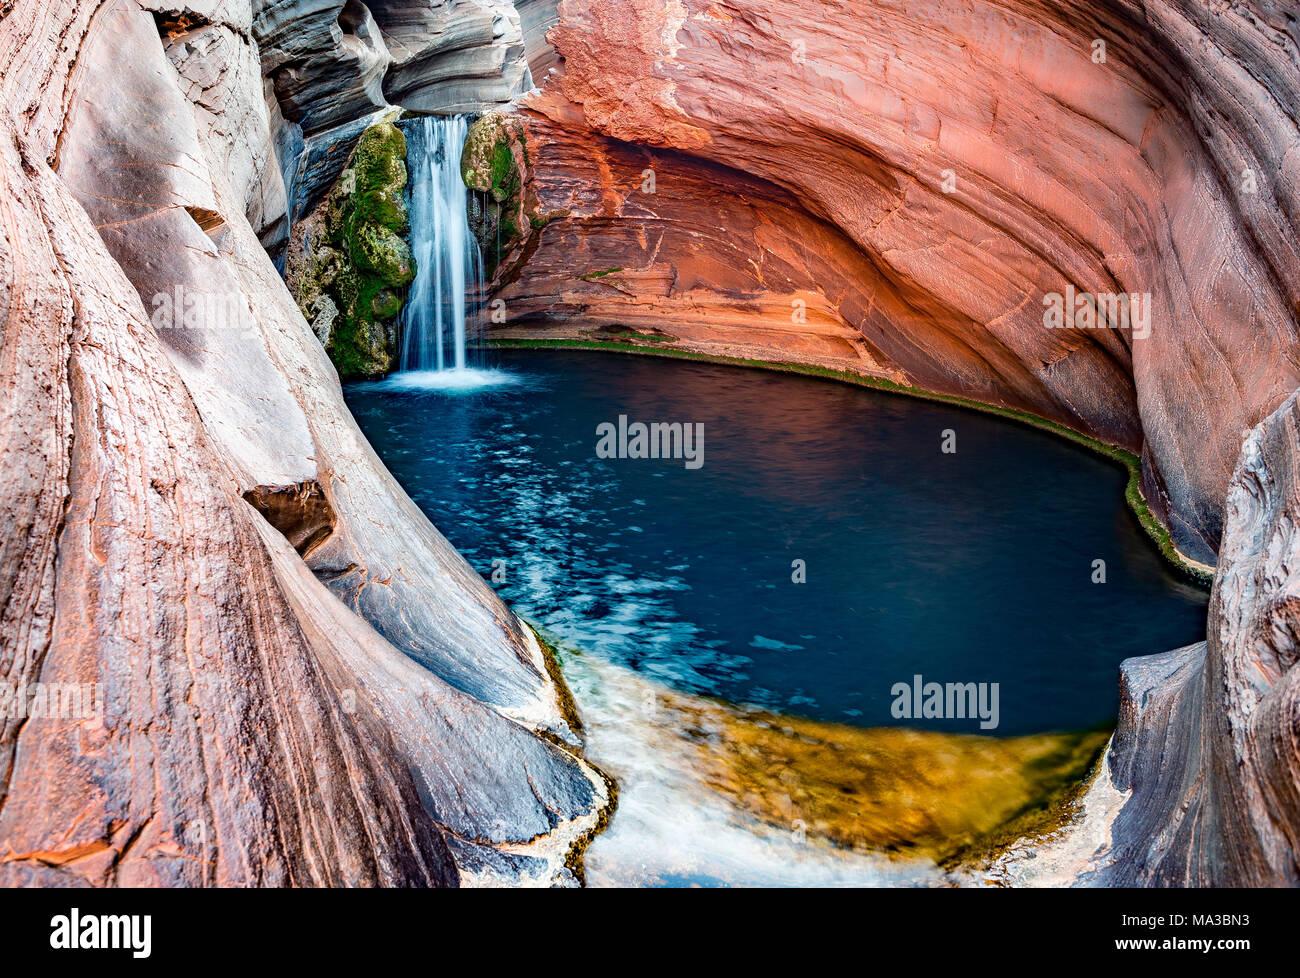 Hamersley Gorge, piscine thermale, parc national de Karijini, Nord Ouest, l'ouest de l'Australie Banque D'Images